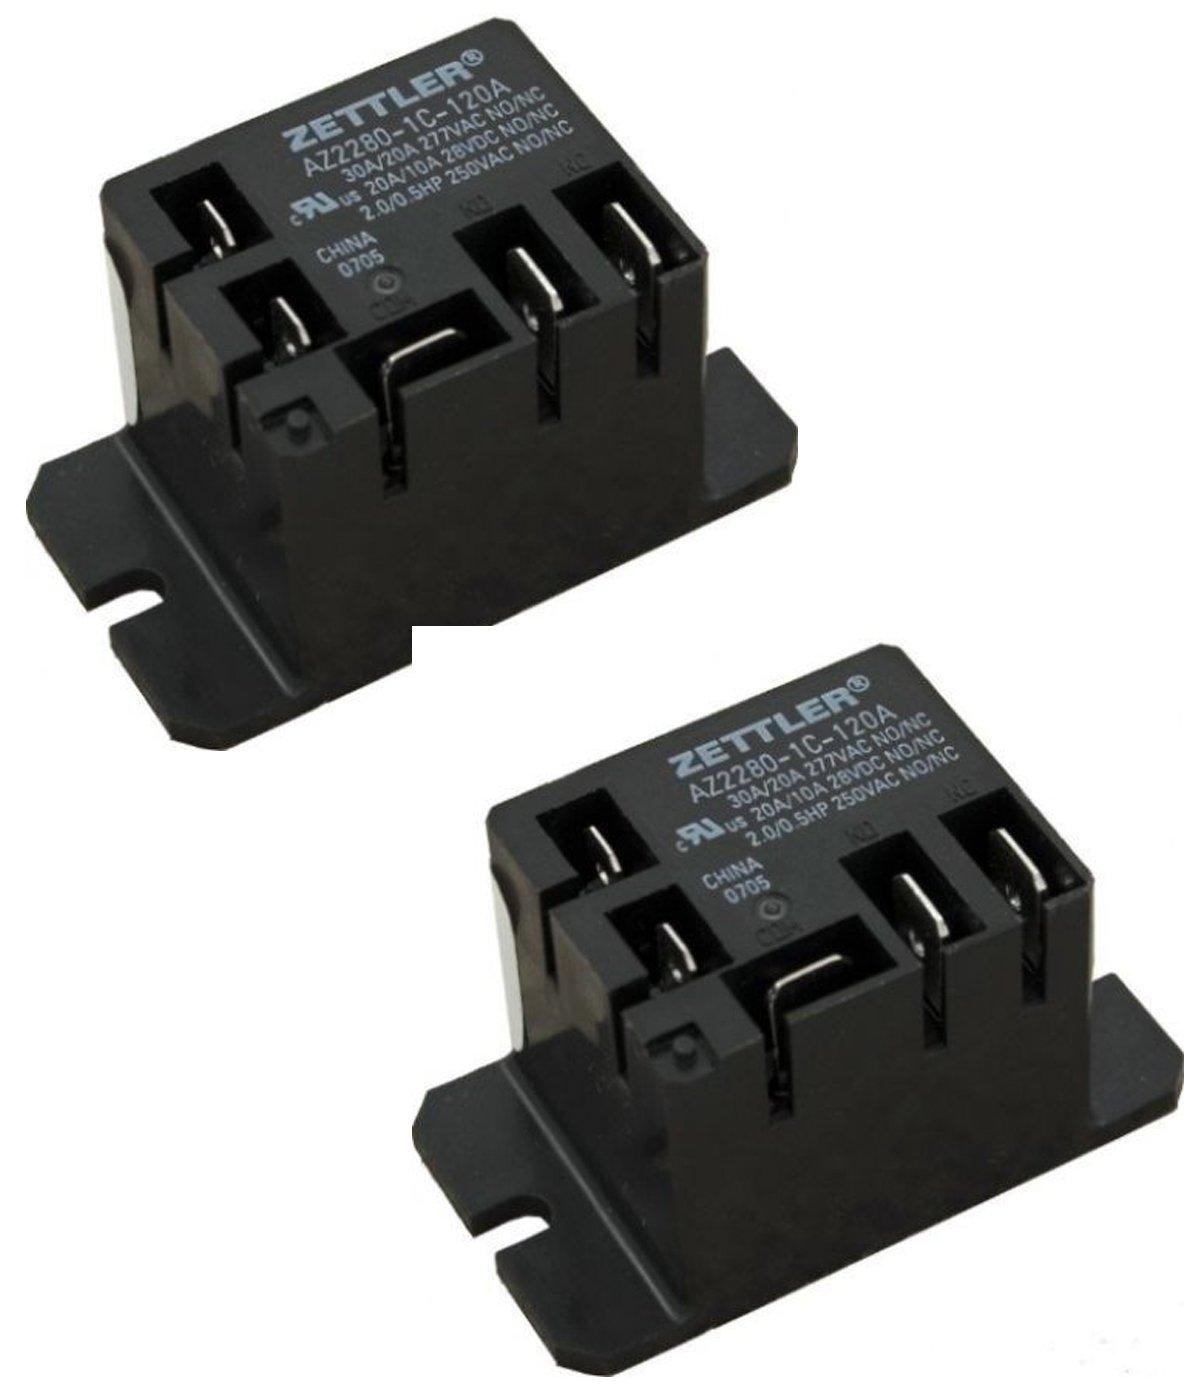 American Zettler Power Relay, SPDT, 30A, 115v, Mini, 30A SPDT 120VAC AZ2280-1C-120A( Pack of 2)